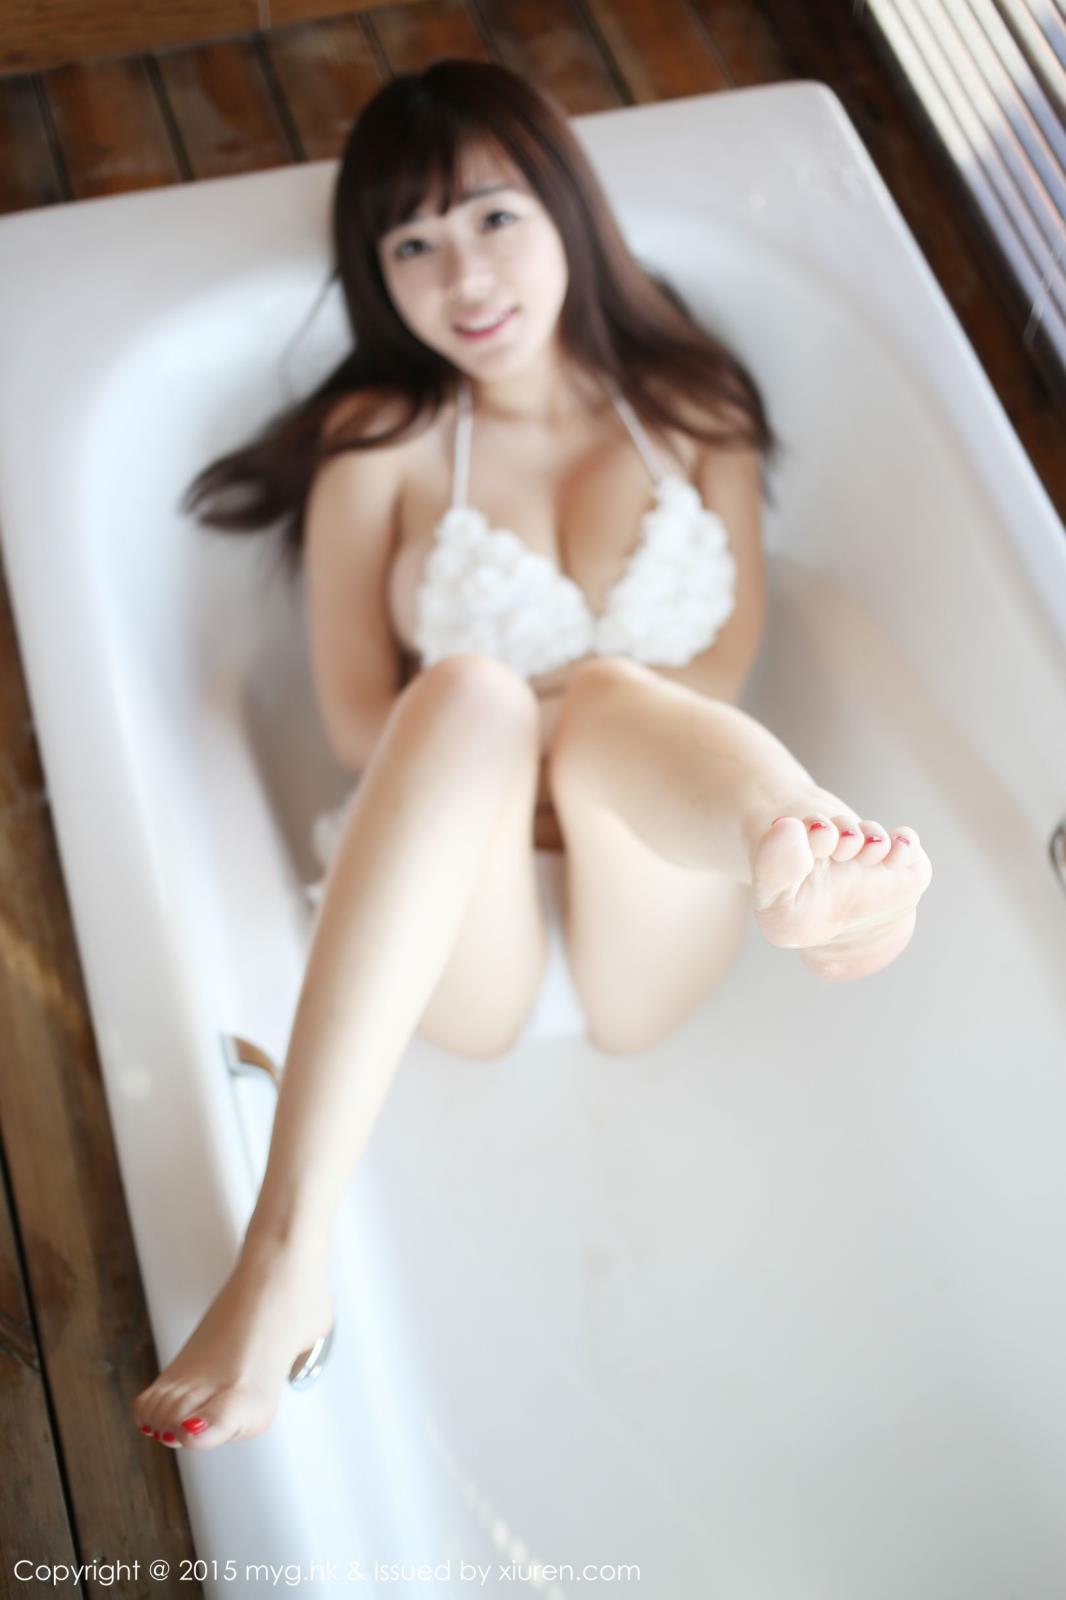 巨乳诱惑美女内衣诱惑性感美女爆乳美媛馆-[刘飞儿]超高清写真图片 1620064125更新